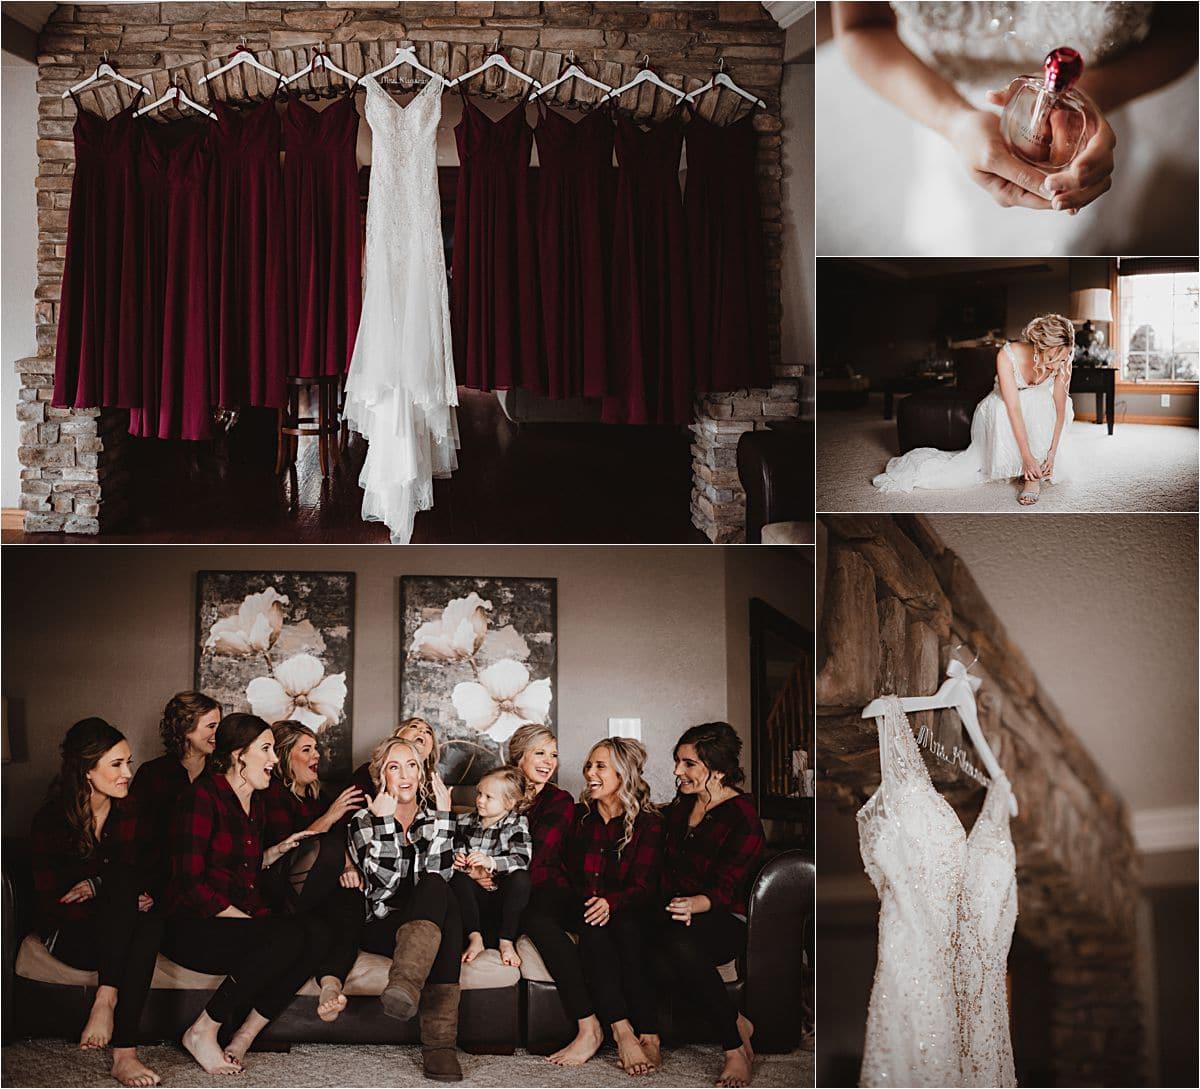 Snowy Winter Wedding Getting Ready Details